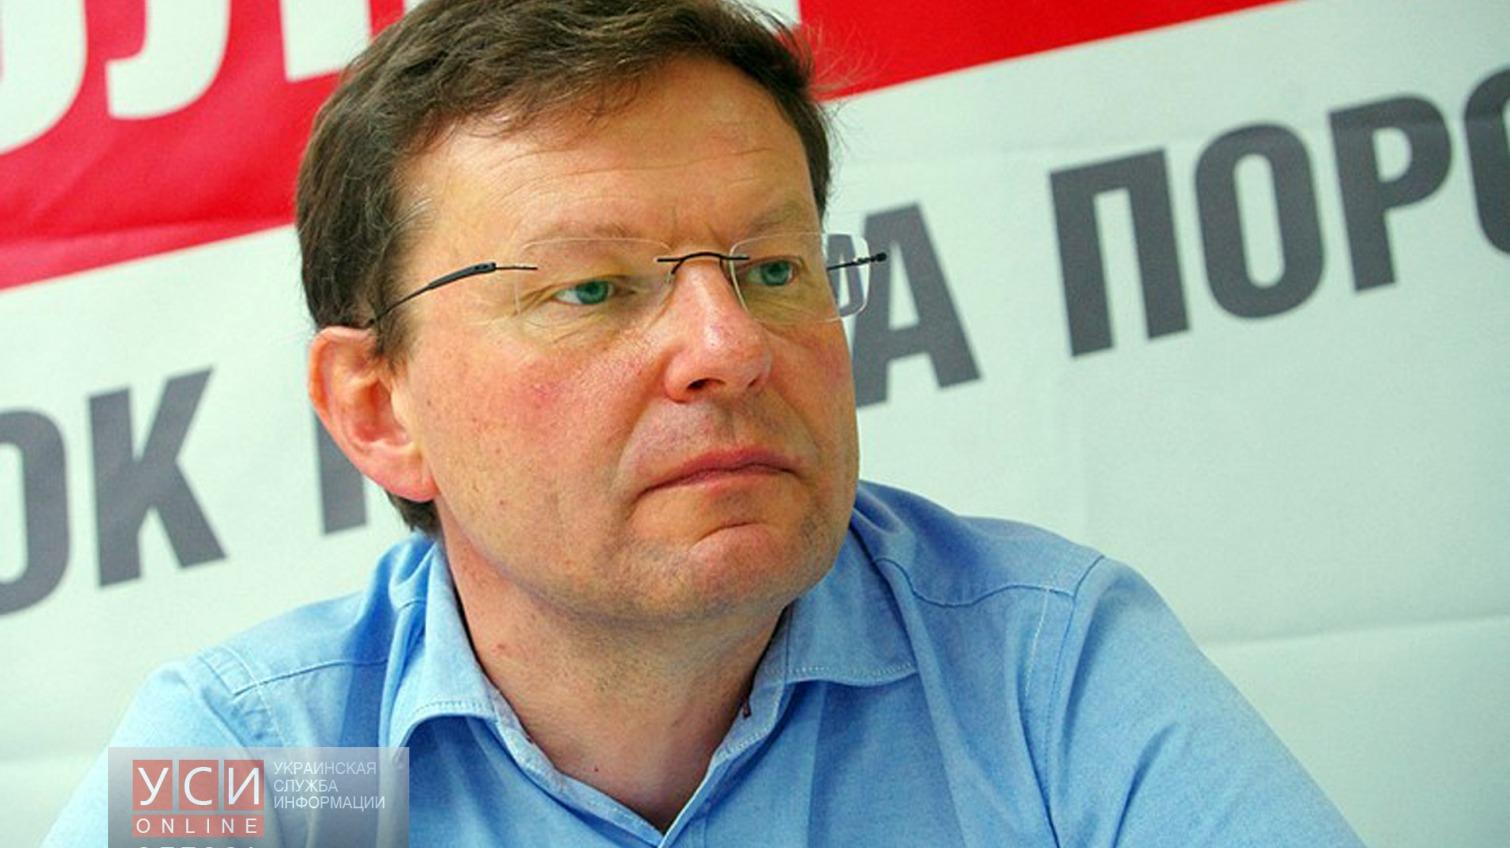 Боровик: Если к 15 марта Яценюк остается премьером, реформаторам будет нечего здесь делать «фото»